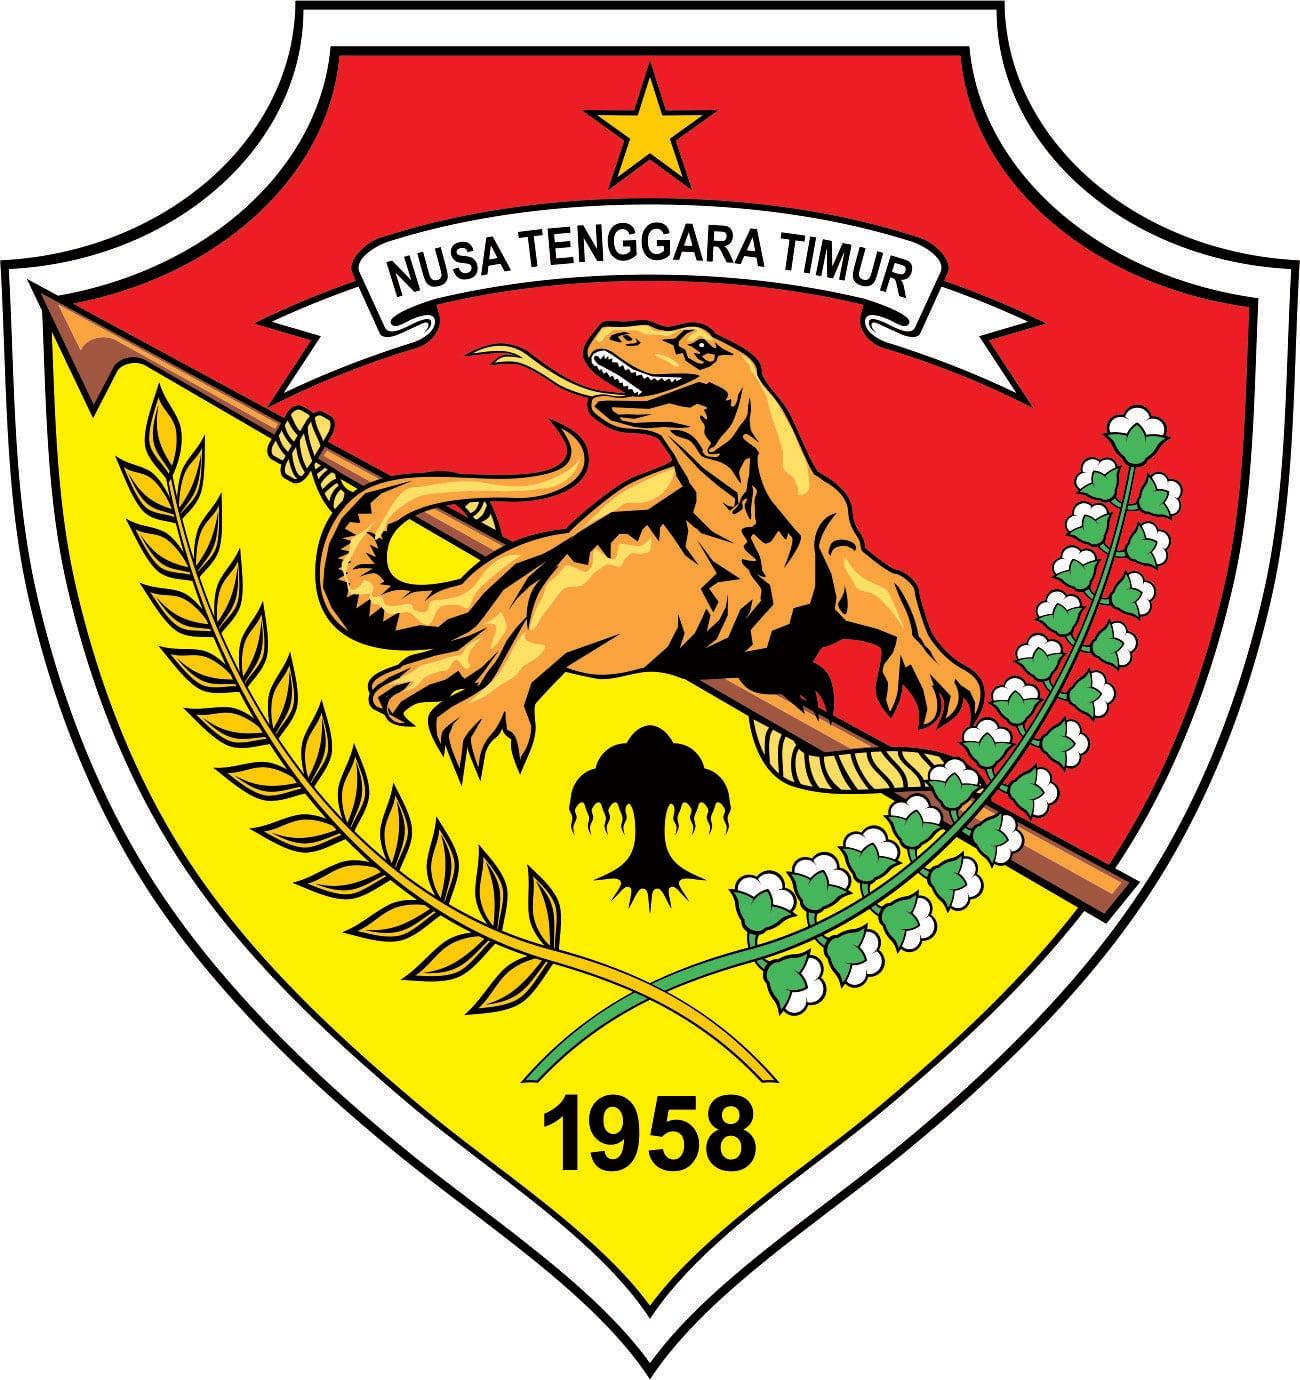 logo lambang provinsi nusa tenggara timur